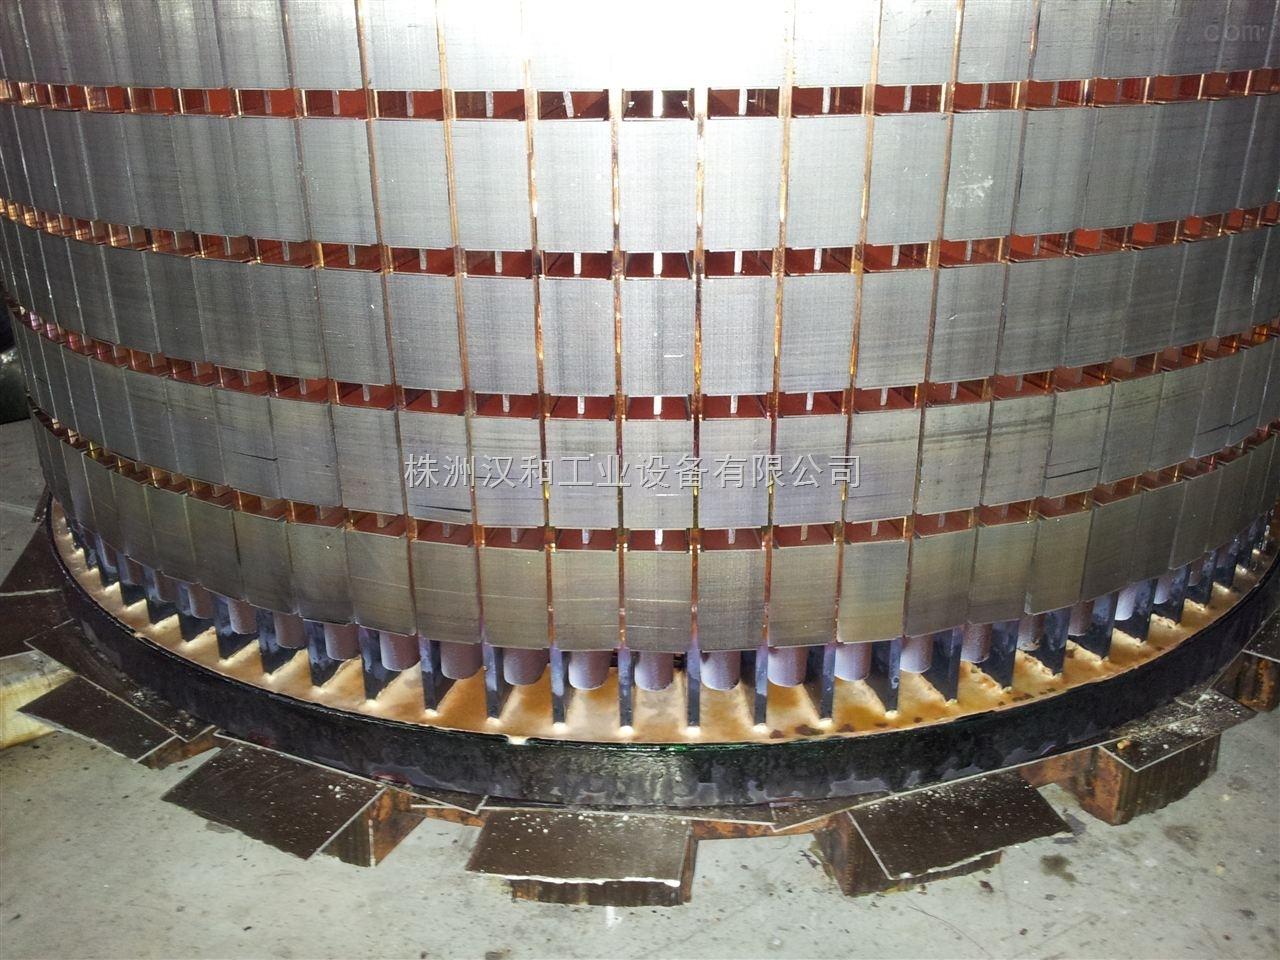 mf-60/25s 发电机定子,转子线圈钎焊设备